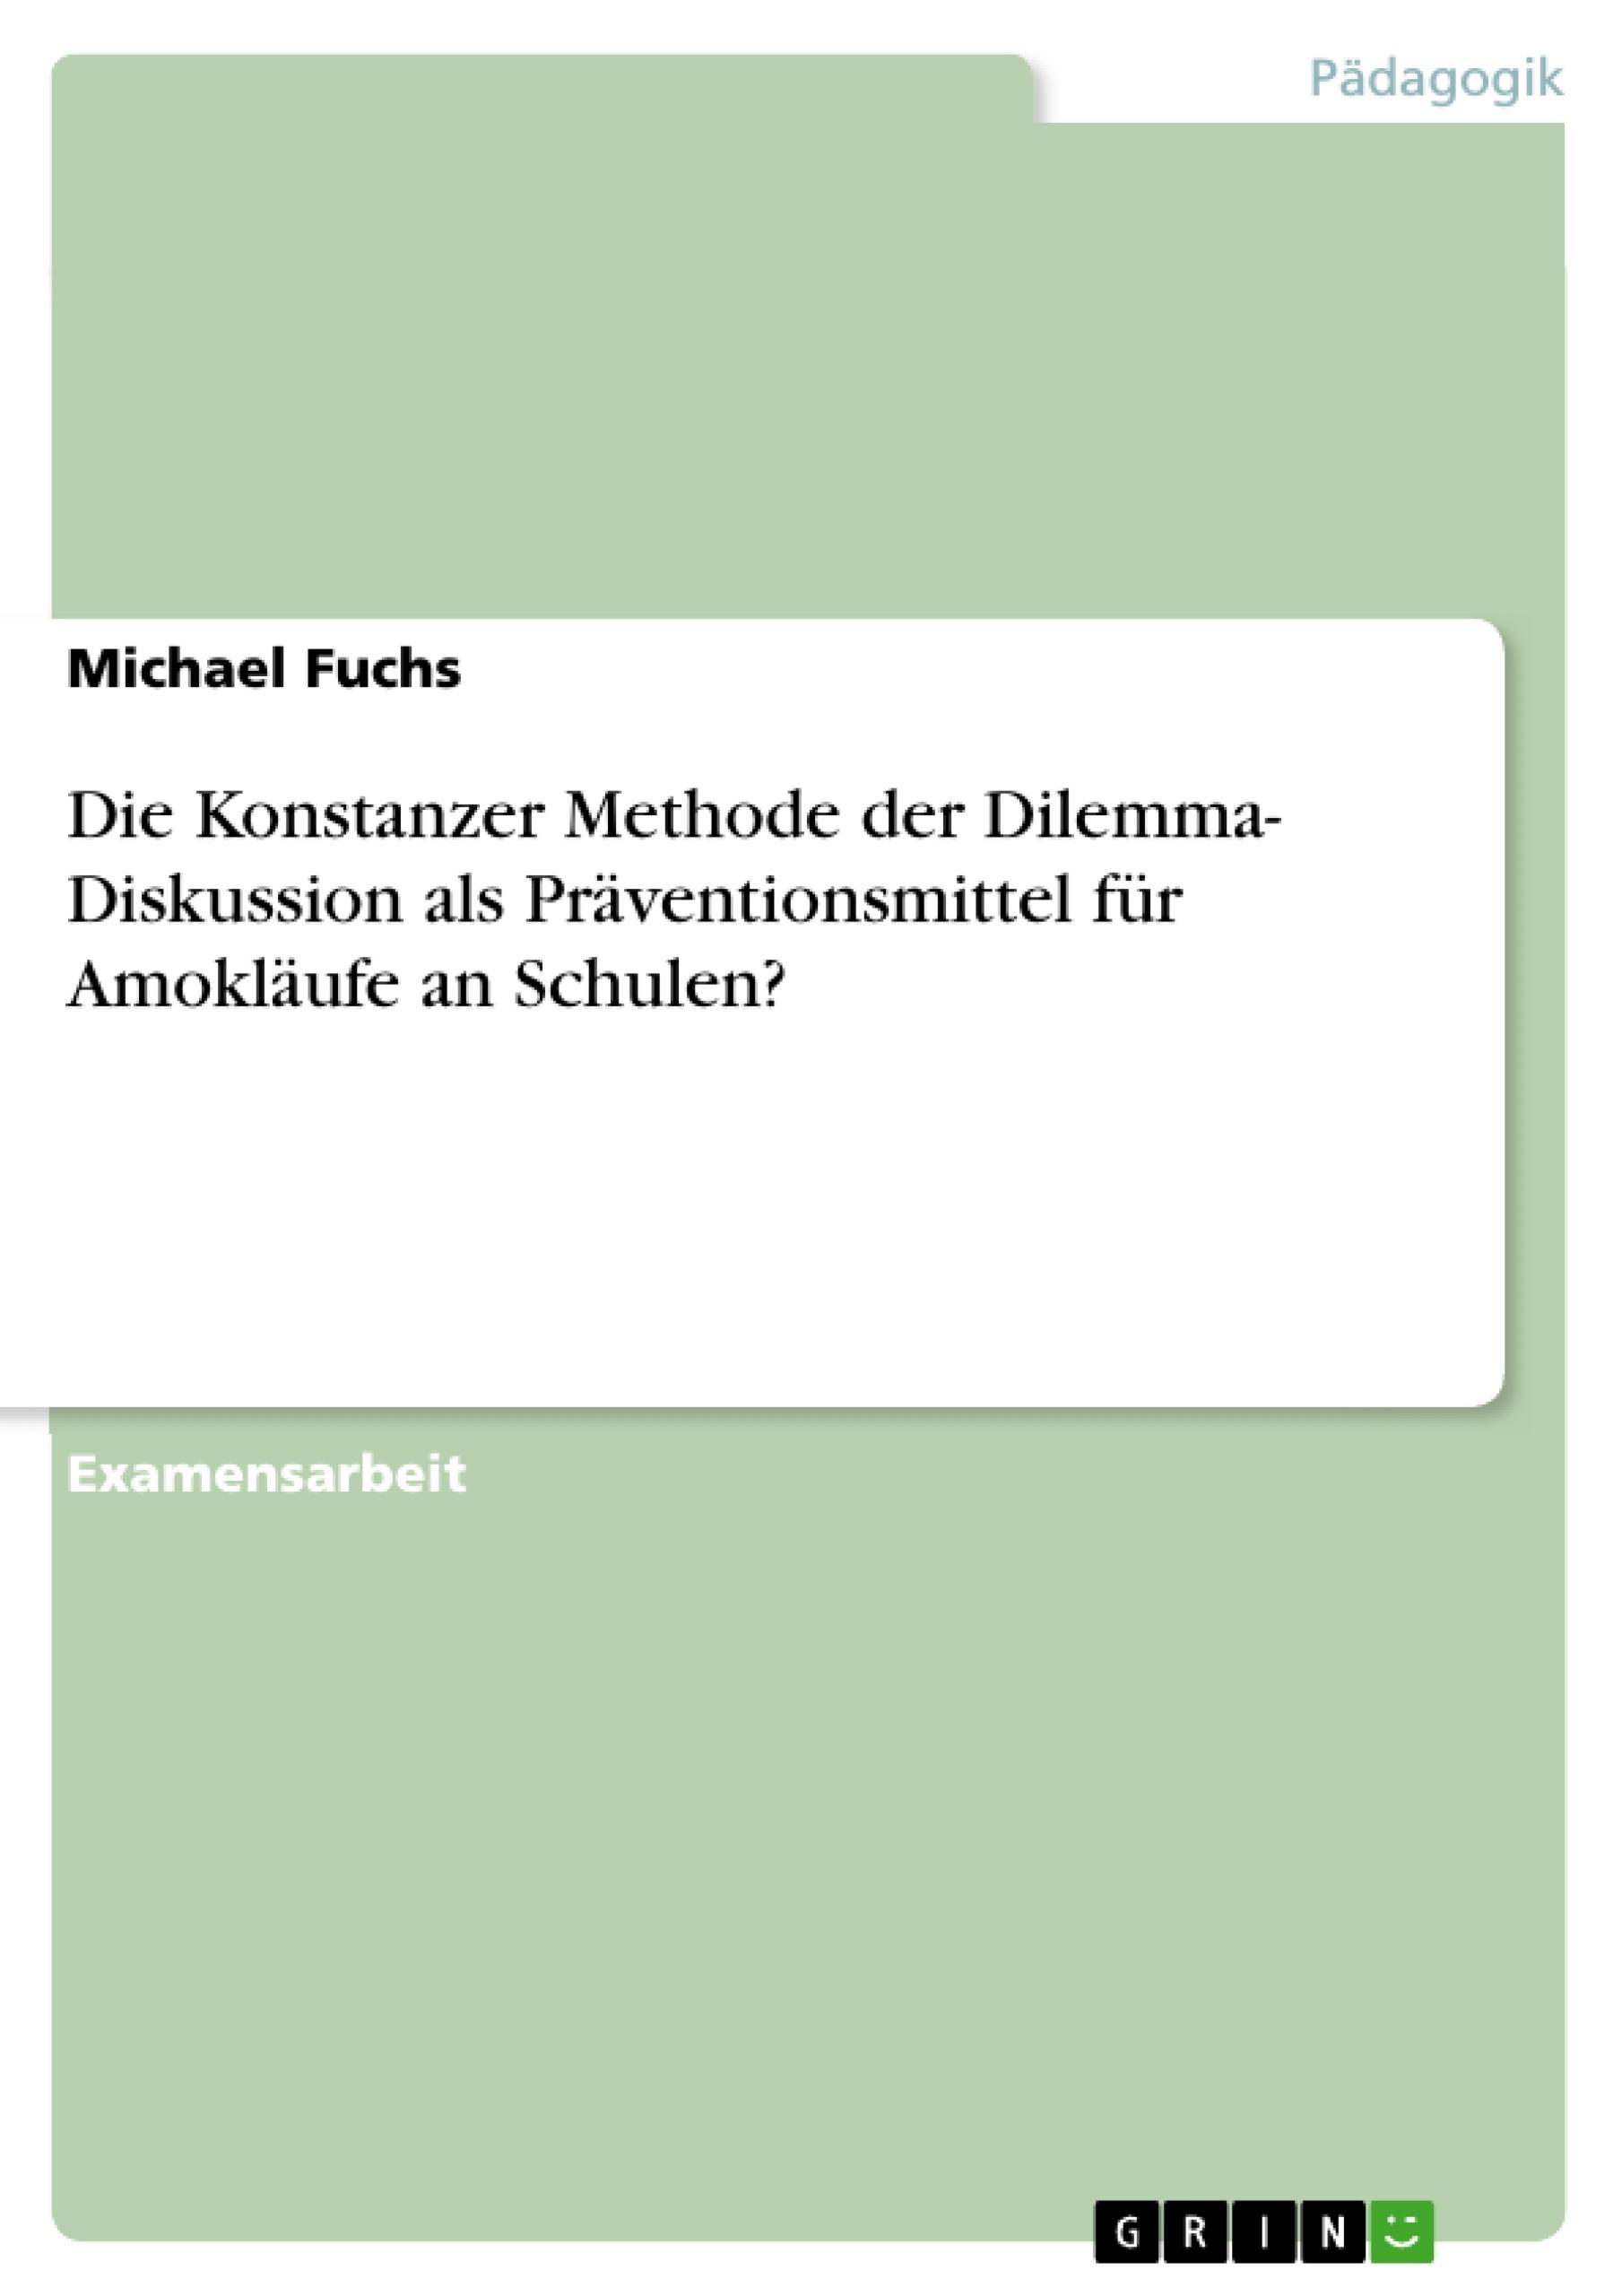 Titel: Die Konstanzer Methode der Dilemma- Diskussion als Präventionsmittel für Amokläufe an Schulen?